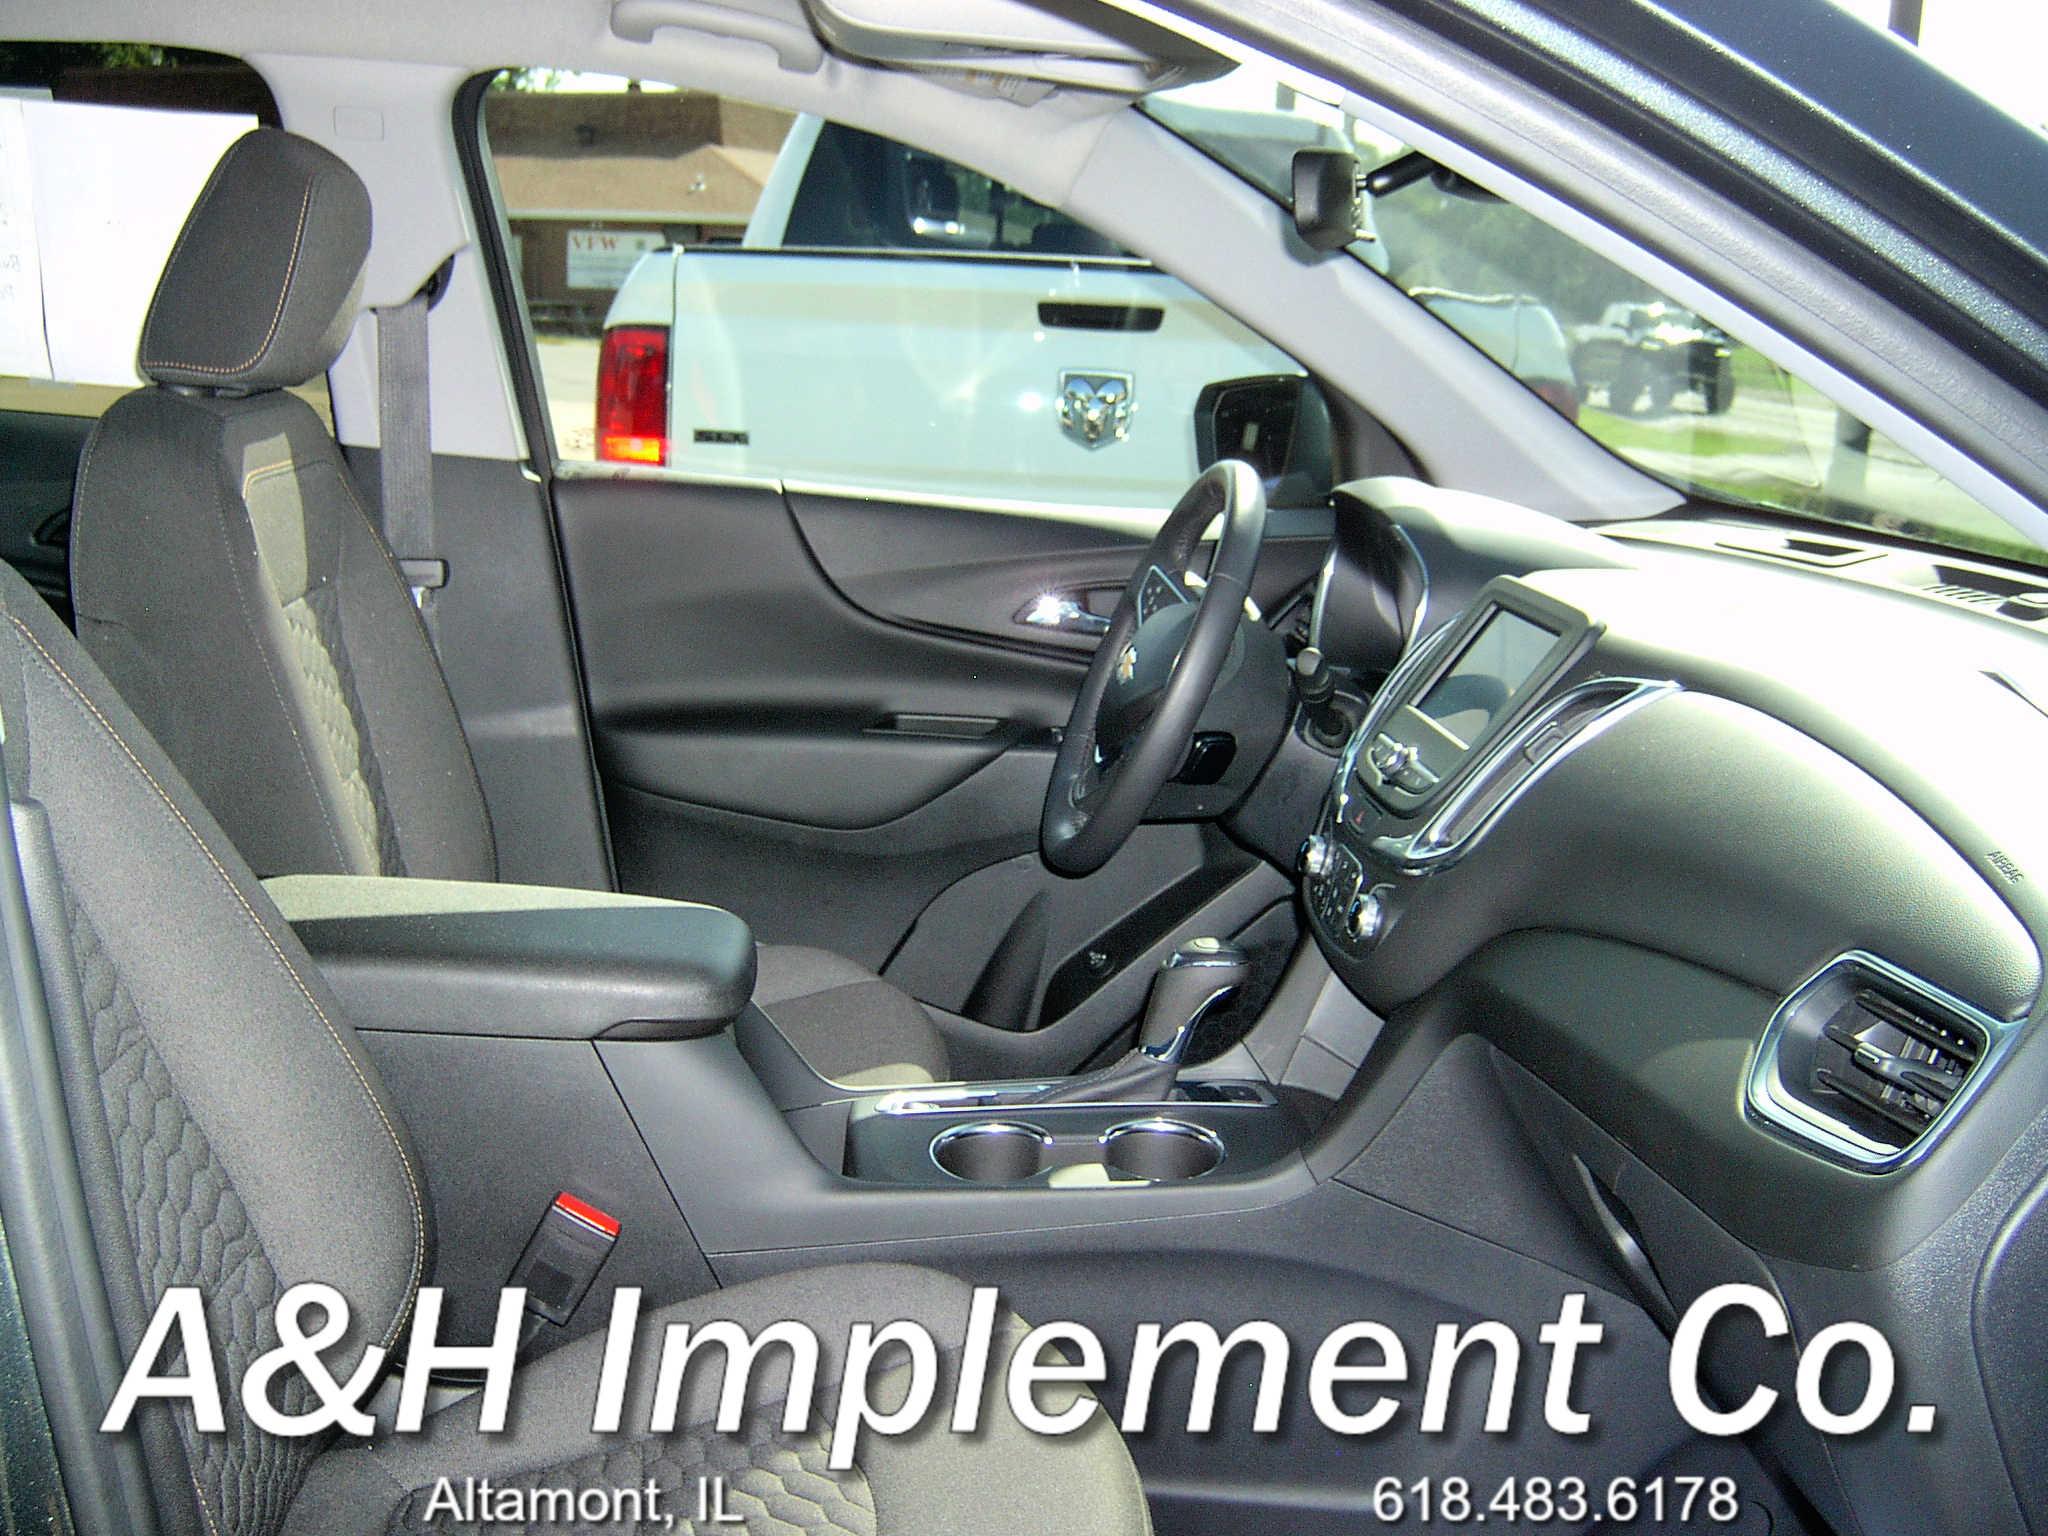 2020 Chevrolet Equinox Lt - Gray 4